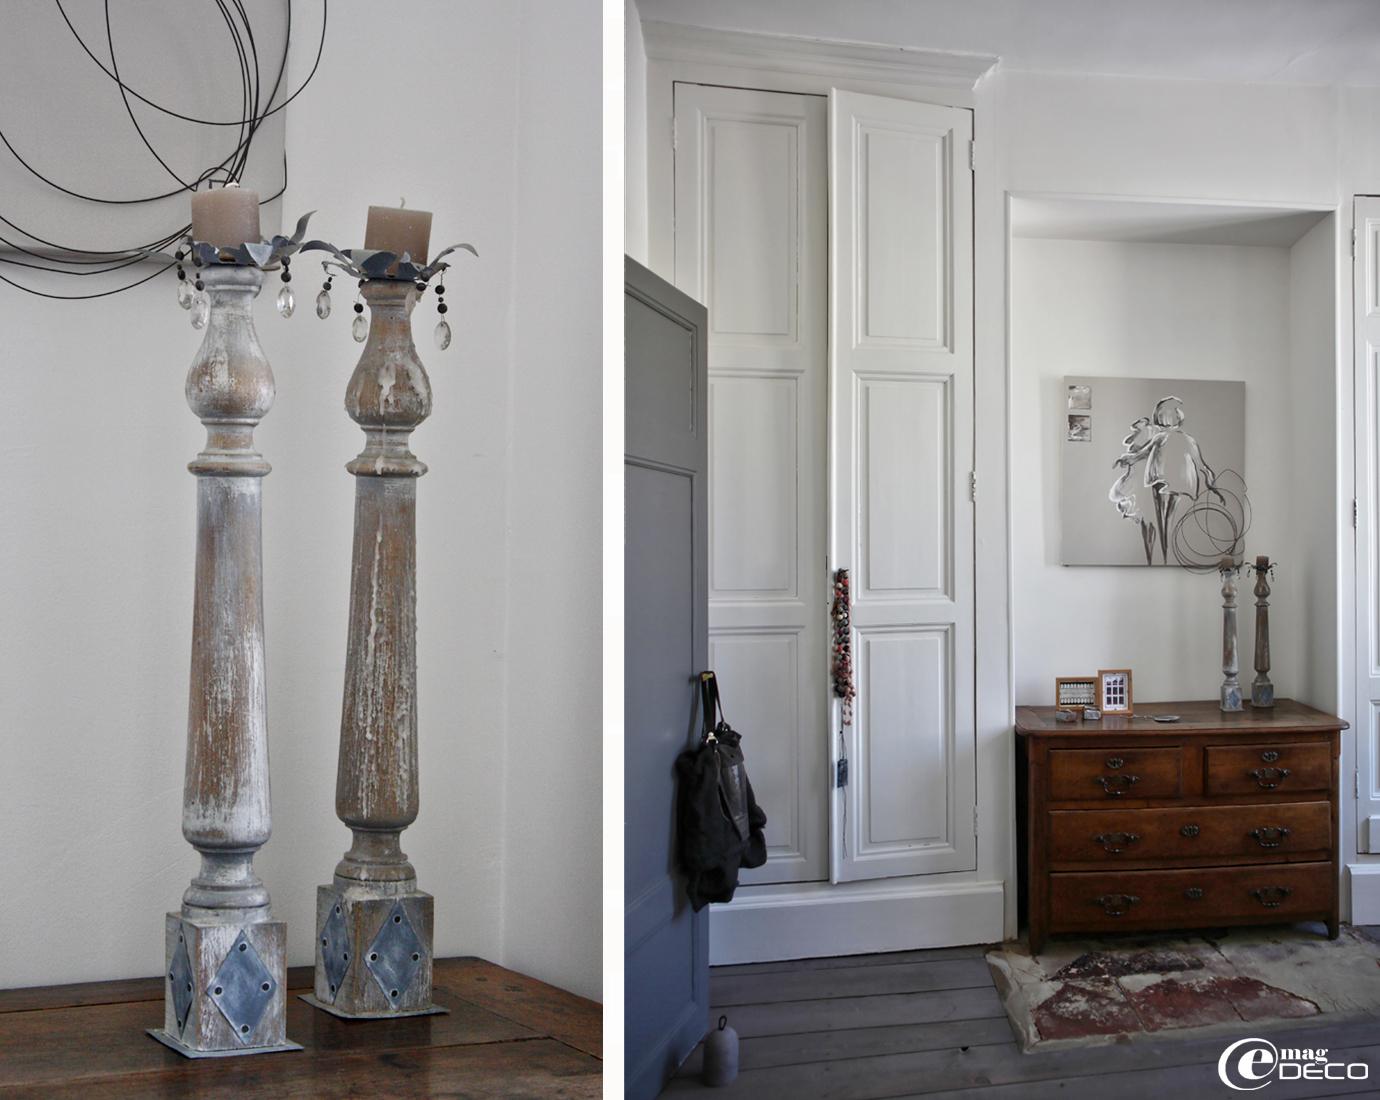 Toile et chandeliers en bois patiné et zinc, créations Béatrice Loncle et Geneviève Cazottes